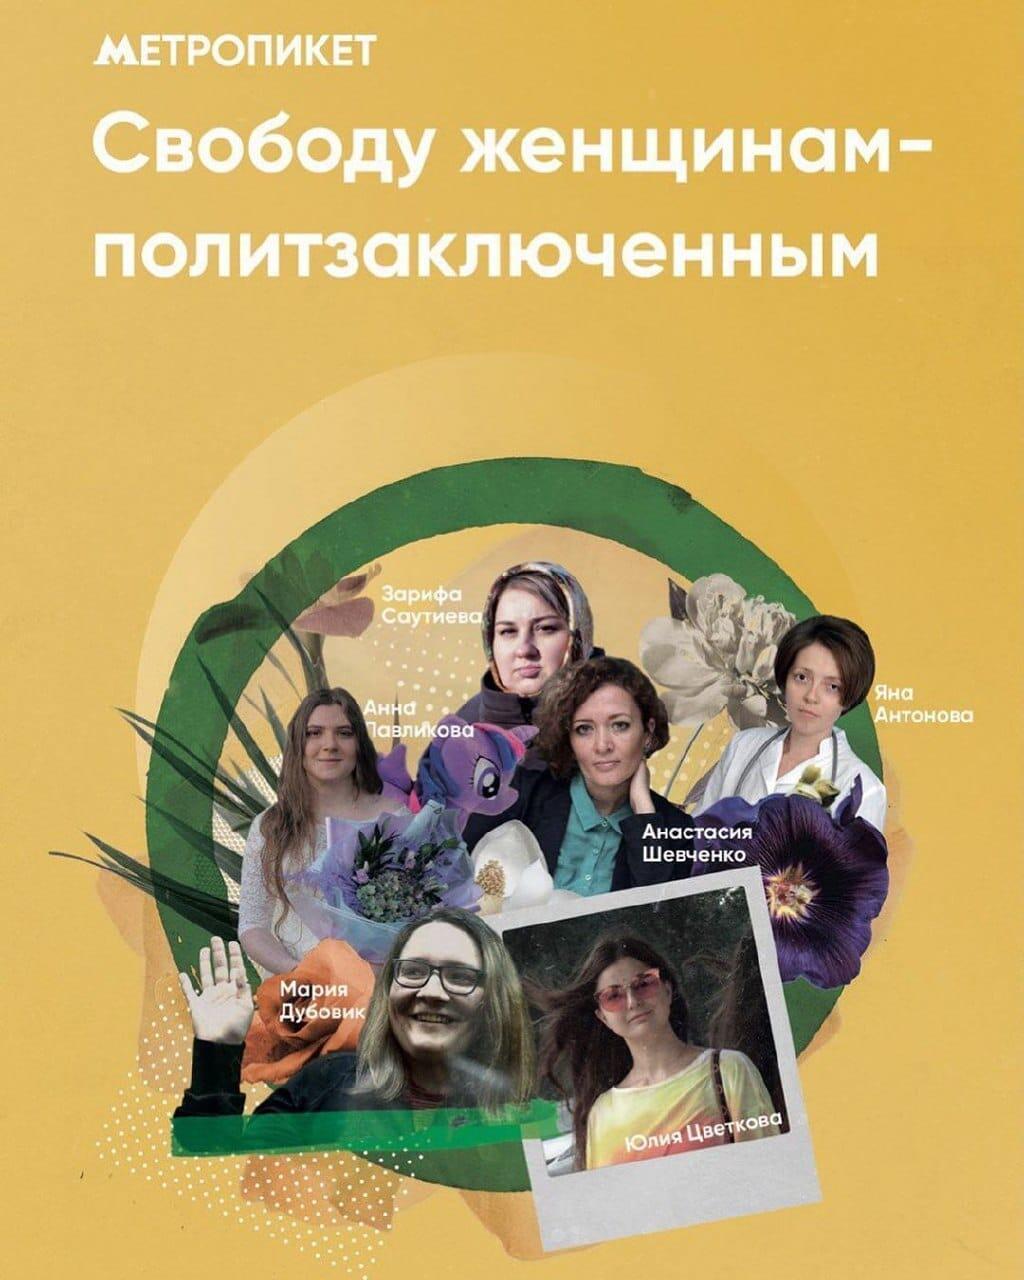 """""""Свободу женщинам-политзаключенным!"""" - афиша Метропикета к Международному женскому дню"""